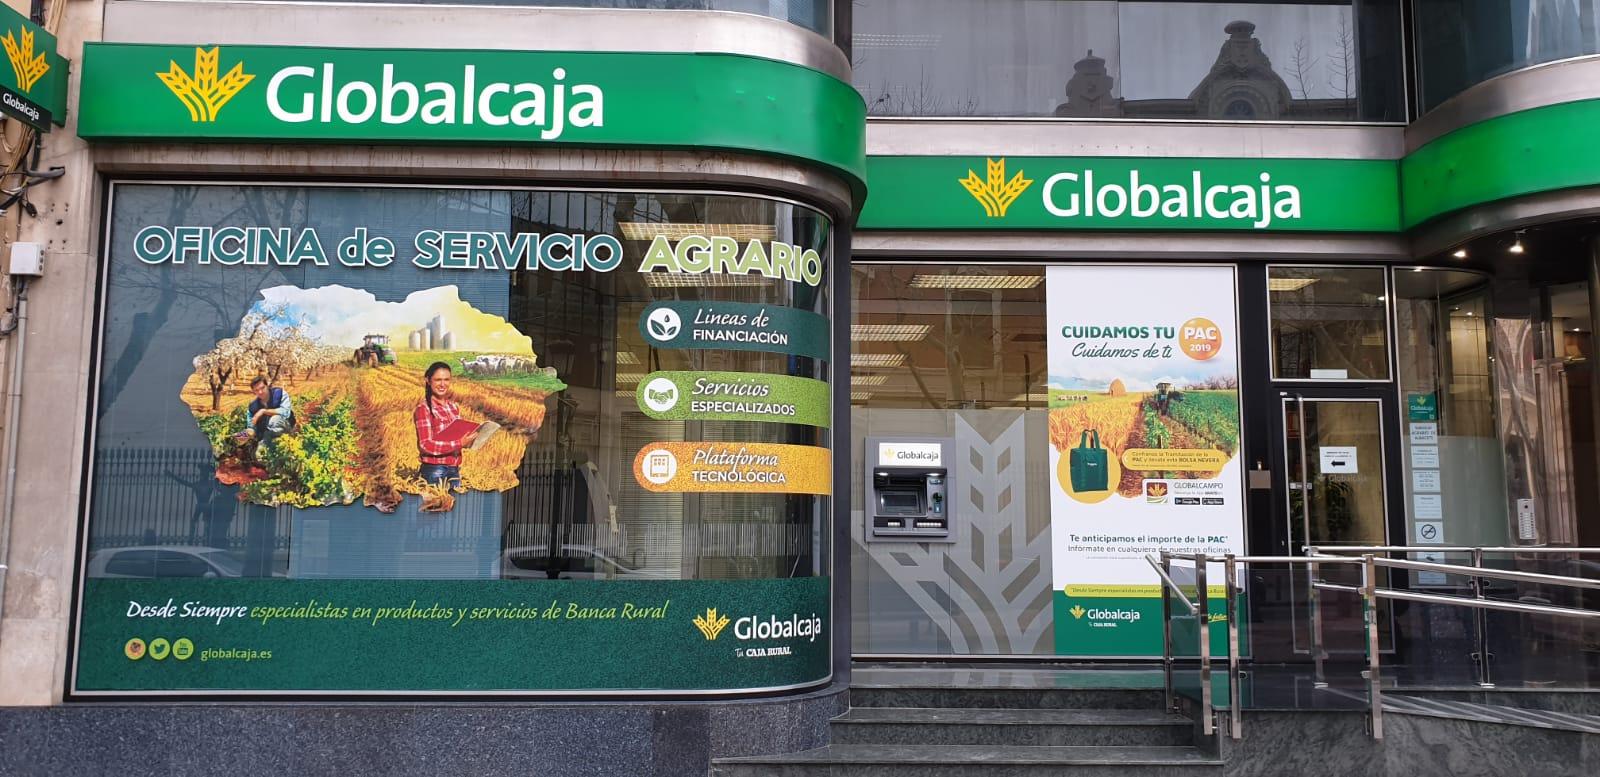 https://blog.globalcaja.es/wp-content/uploads/2019/10/Integración-Silicie.jpg